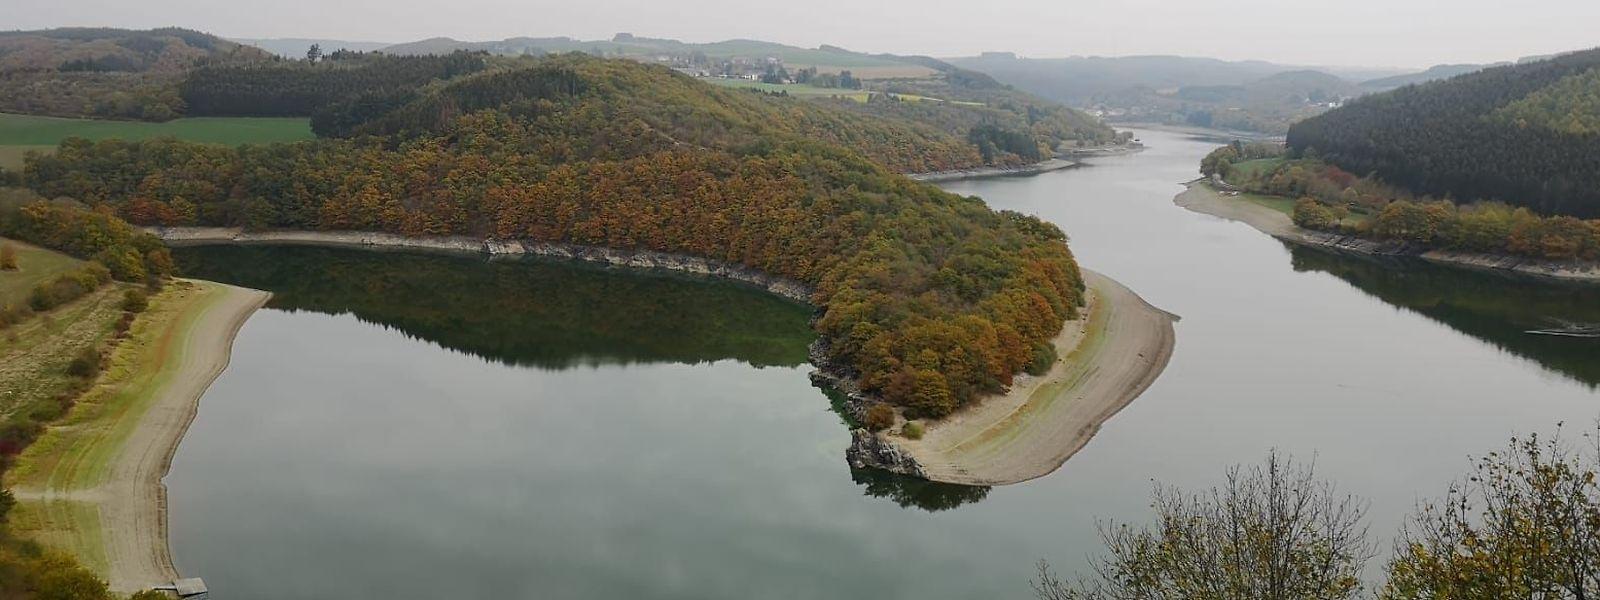 Trotz des niedrigen Pegelstandes am Stausee ist die Trinkwasserversorgung bisher gesichert.